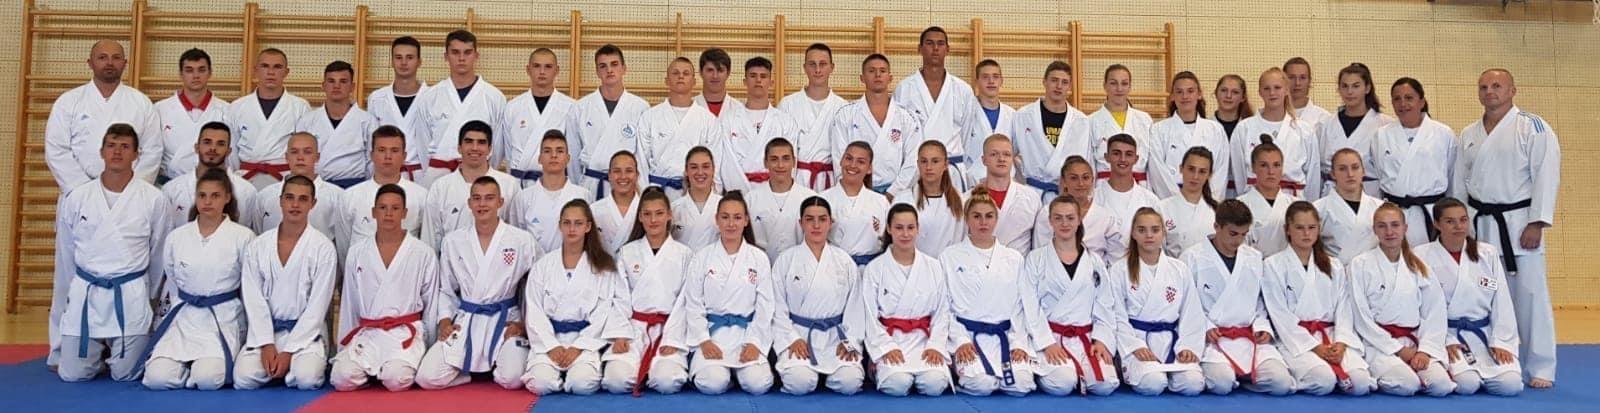 hrvatska karate reprezentacija 3